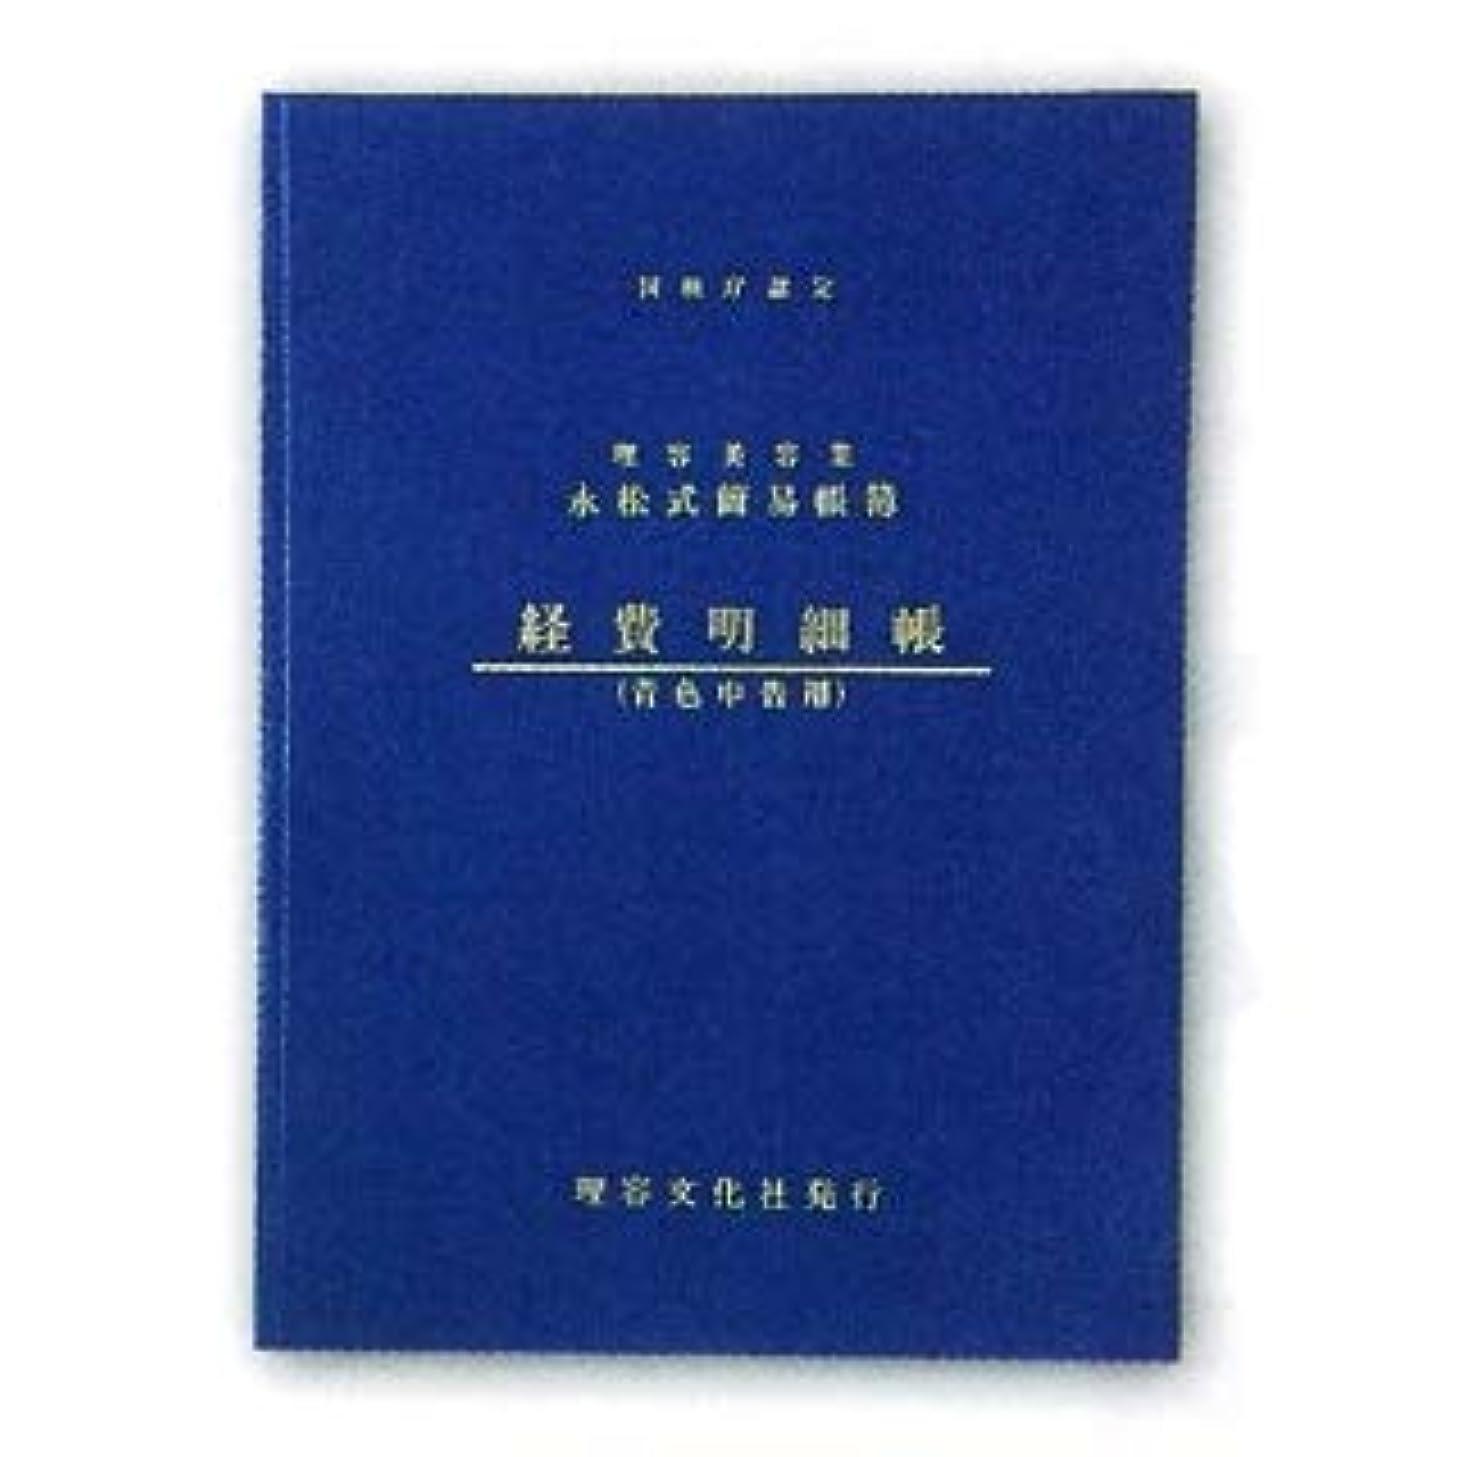 たくさん厳しい家庭教師永松式簡易帳簿 経費明細帳(青色申告用)